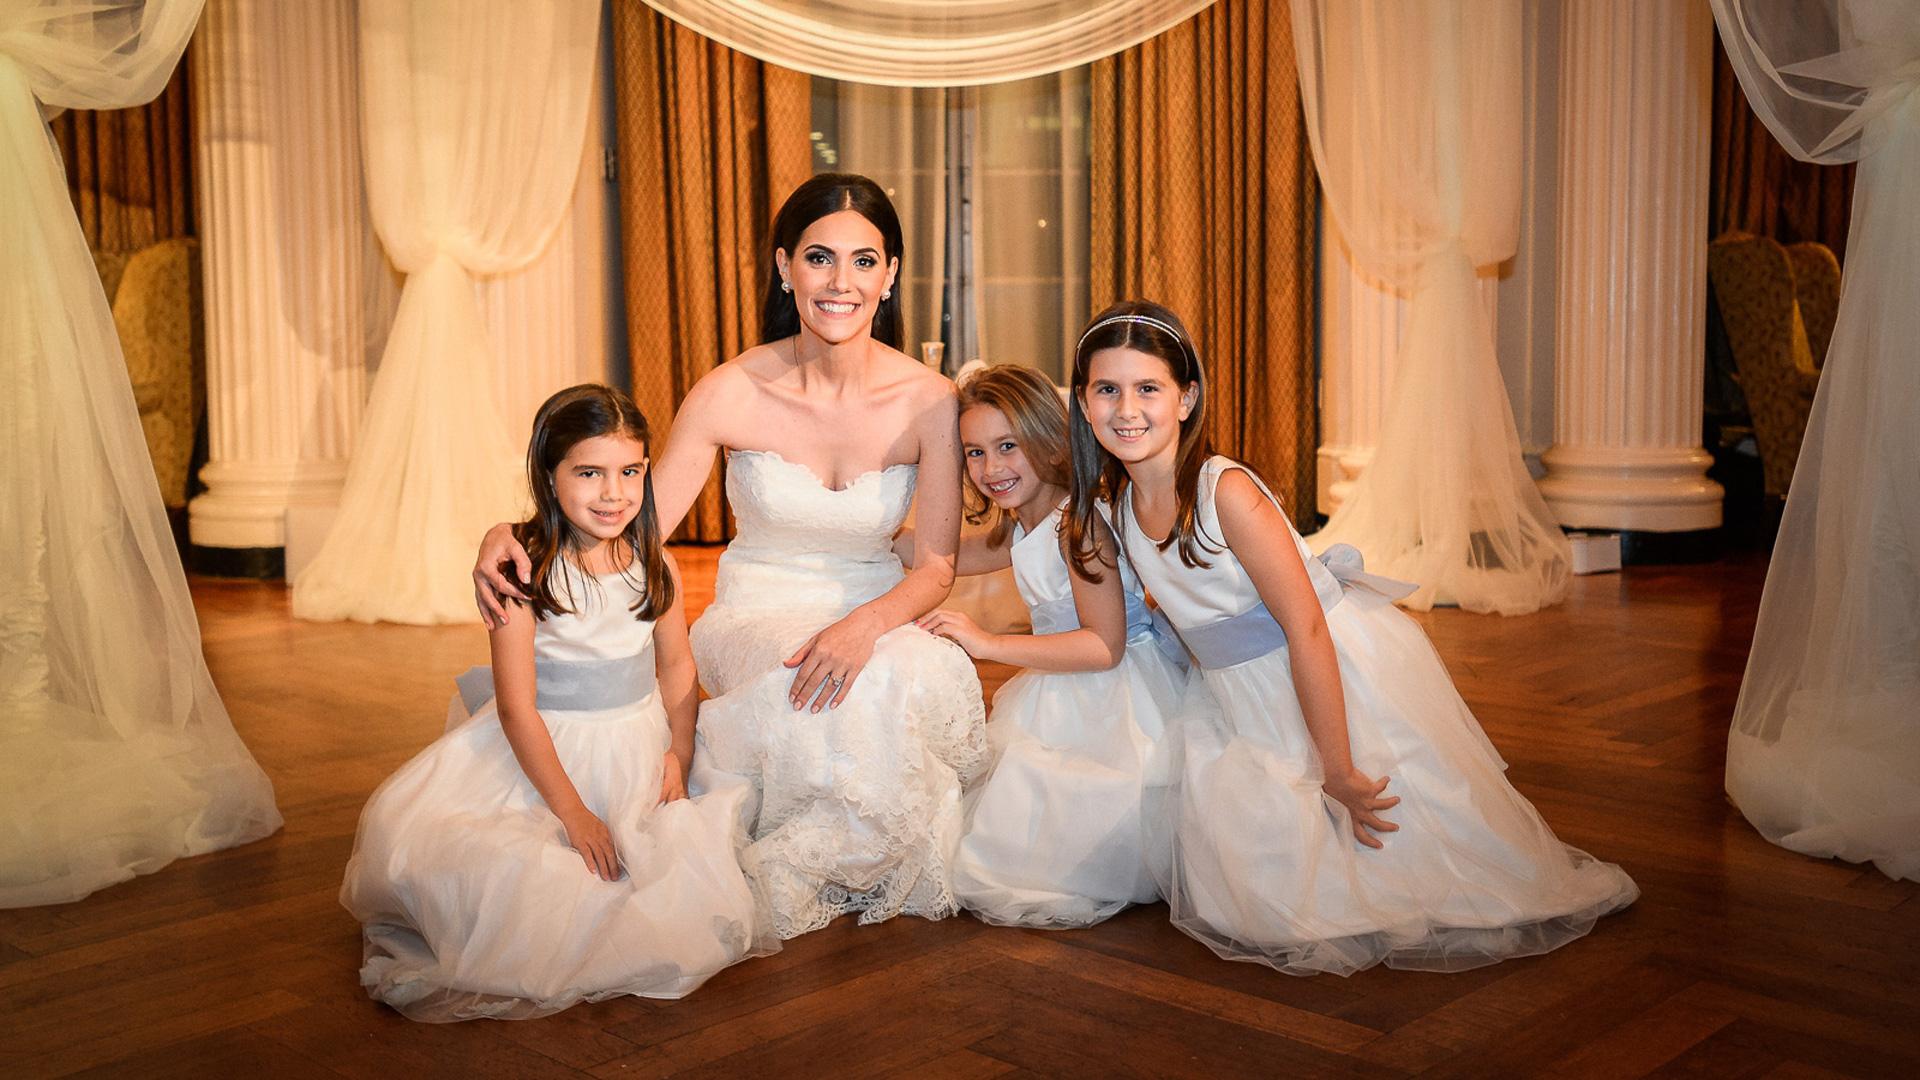 brid and flowergirls